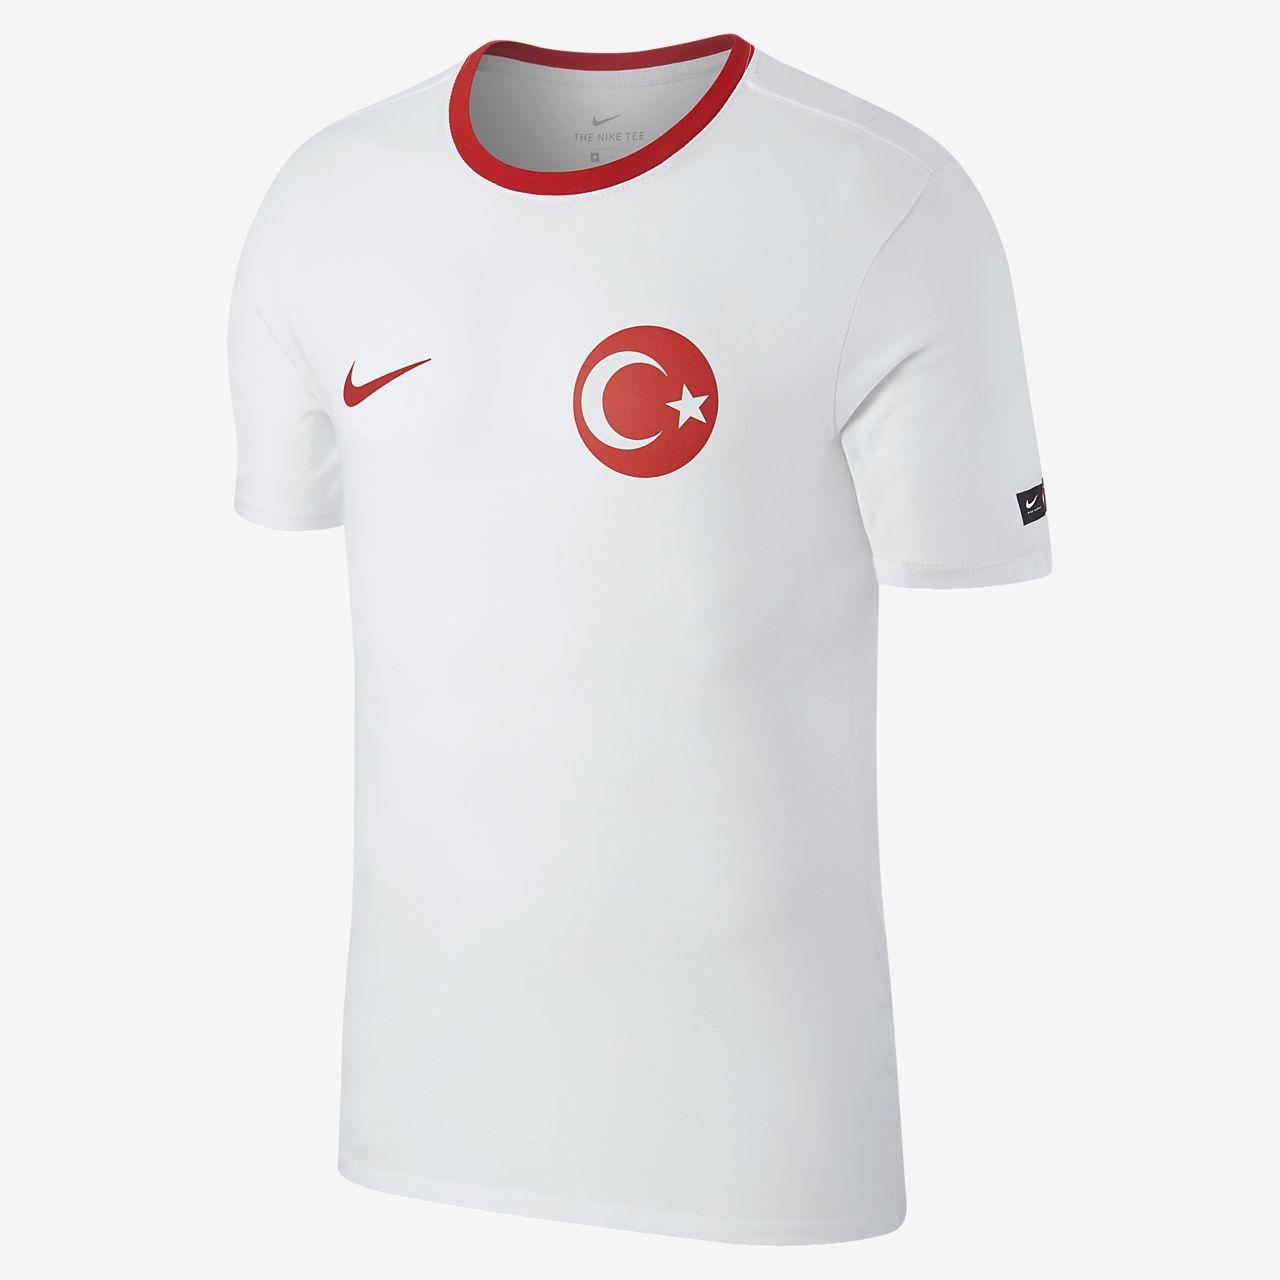 T-shirt męski Turkey Crest